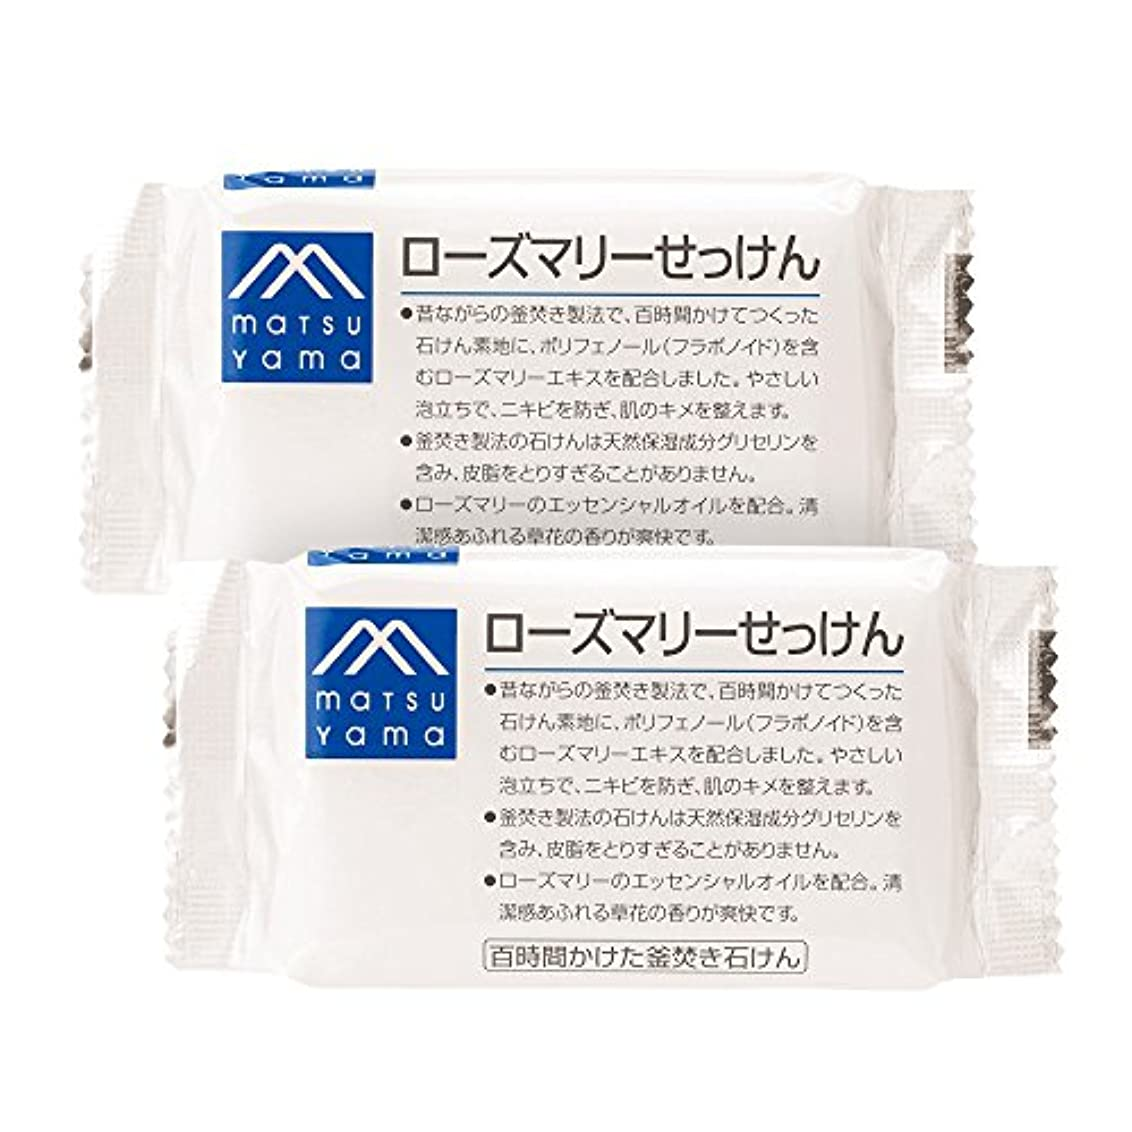 ロッカードリル知覚M-mark ローズマリーせっけん2個セット